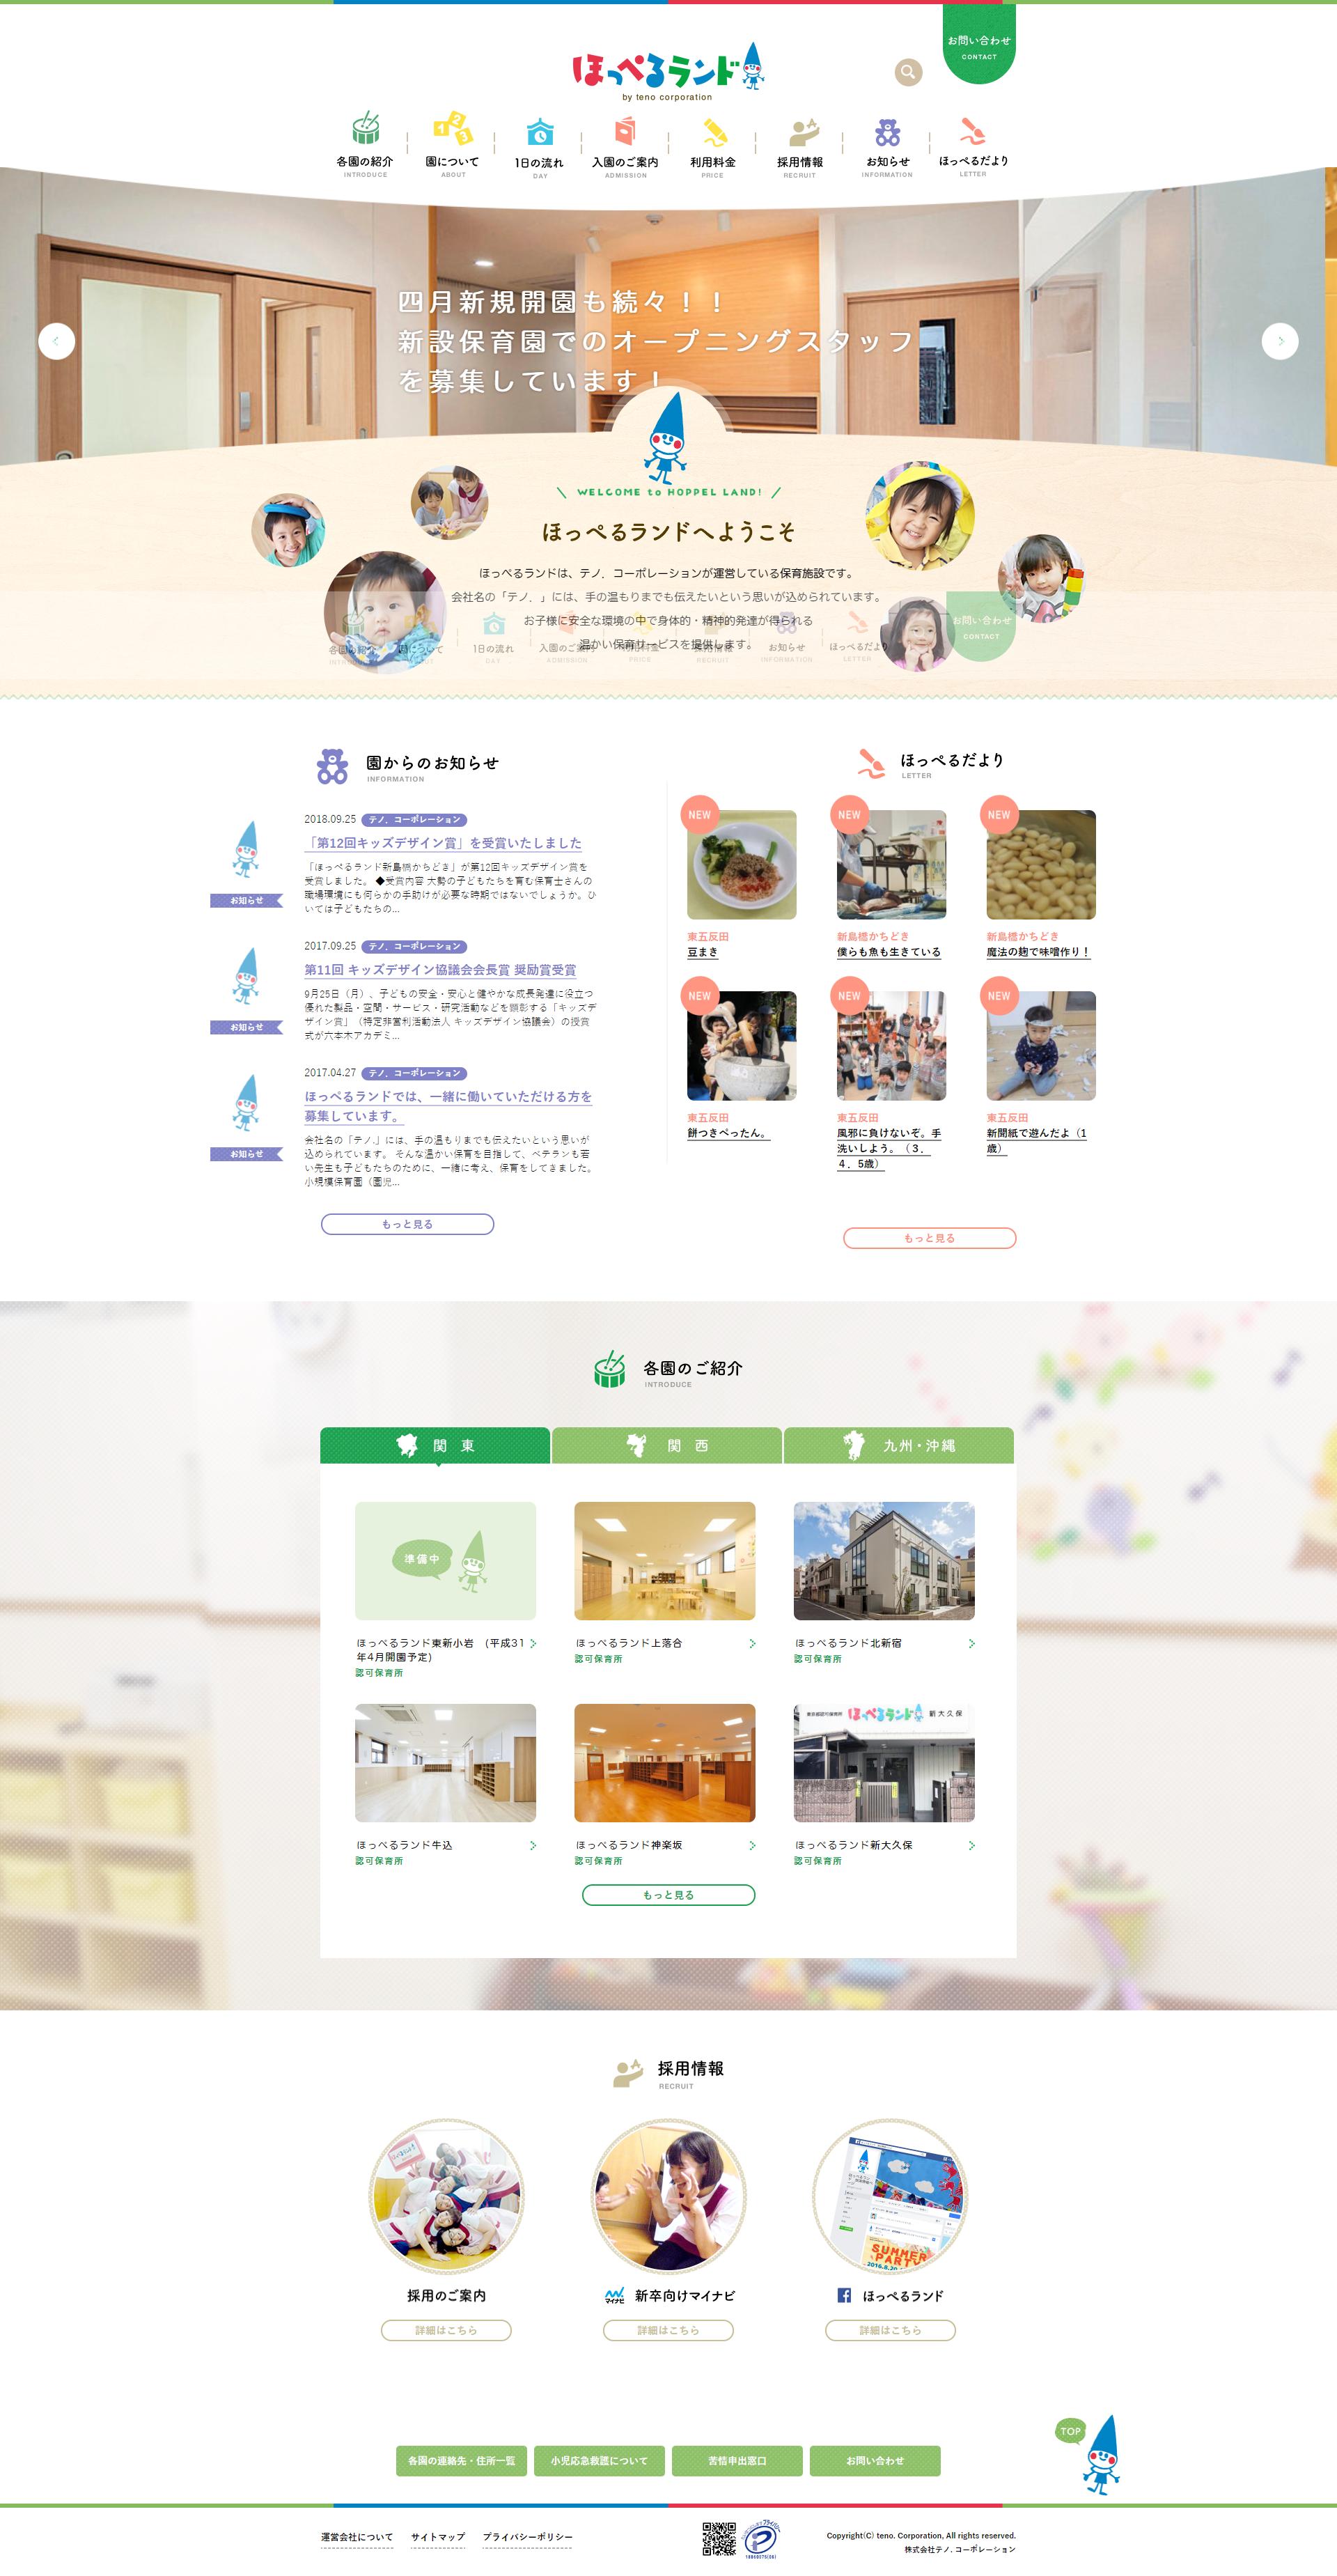 Webデザイン おしゃれまとめの人気アイデア Pinterest のへおり Lp デザイン ウェブデザイン コーポレートサイト デザイン